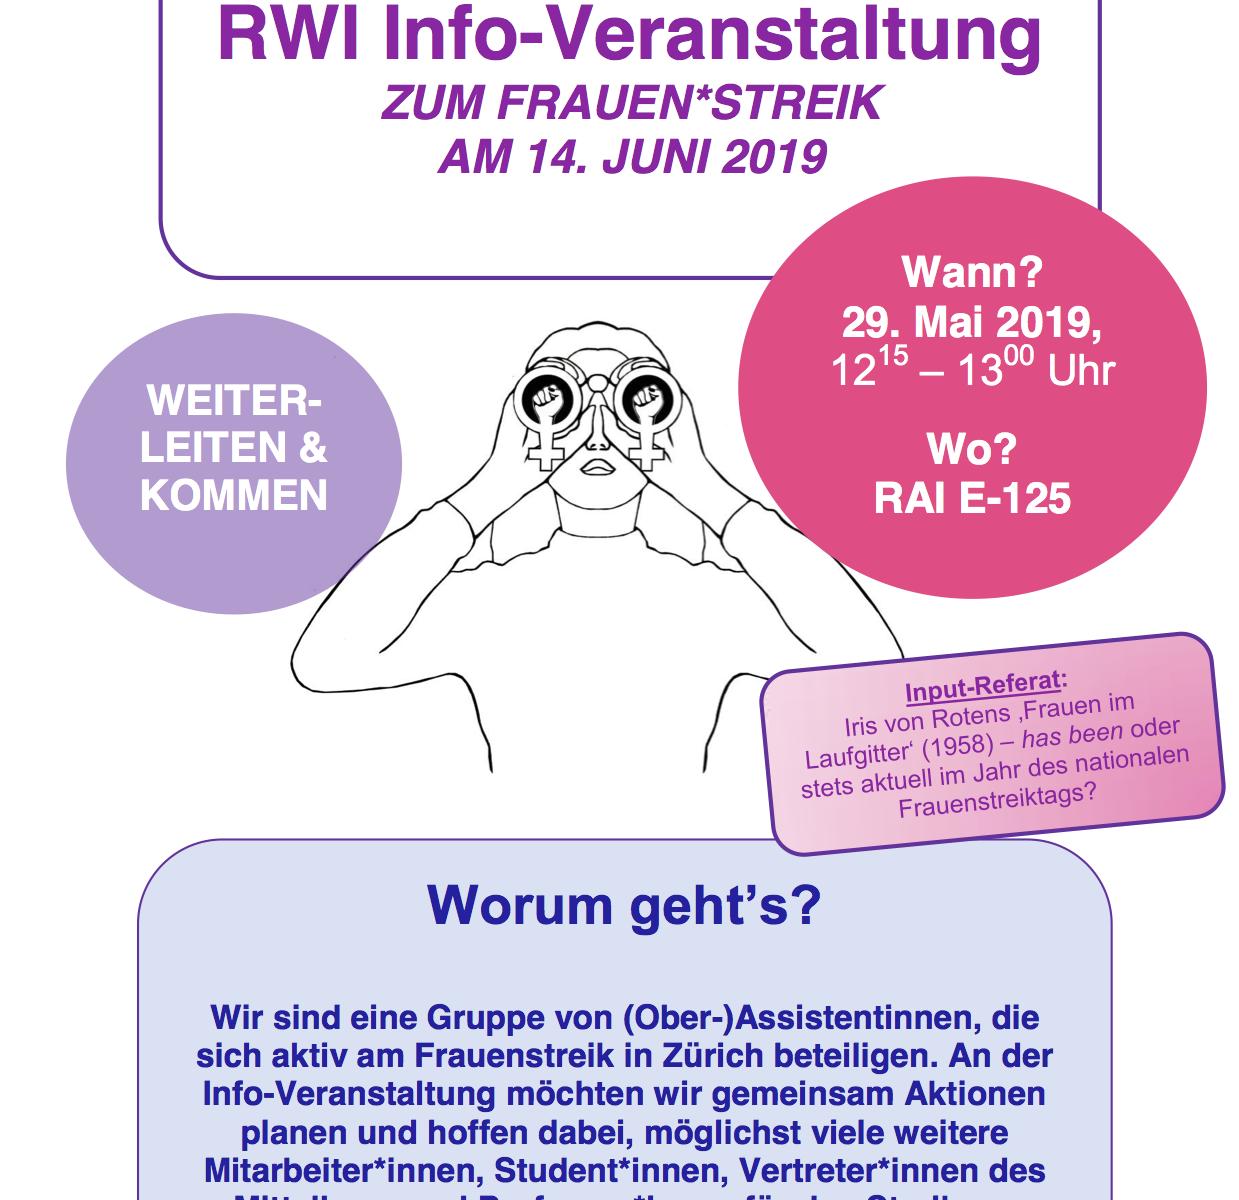 Flyer des Rechtswissenschaftlichen Instituts. Das Zürcher Logo des Frauenstreiks mit dem Feldstecher, rundherum Kästchen mit den Infos, siehe Veranstaltung